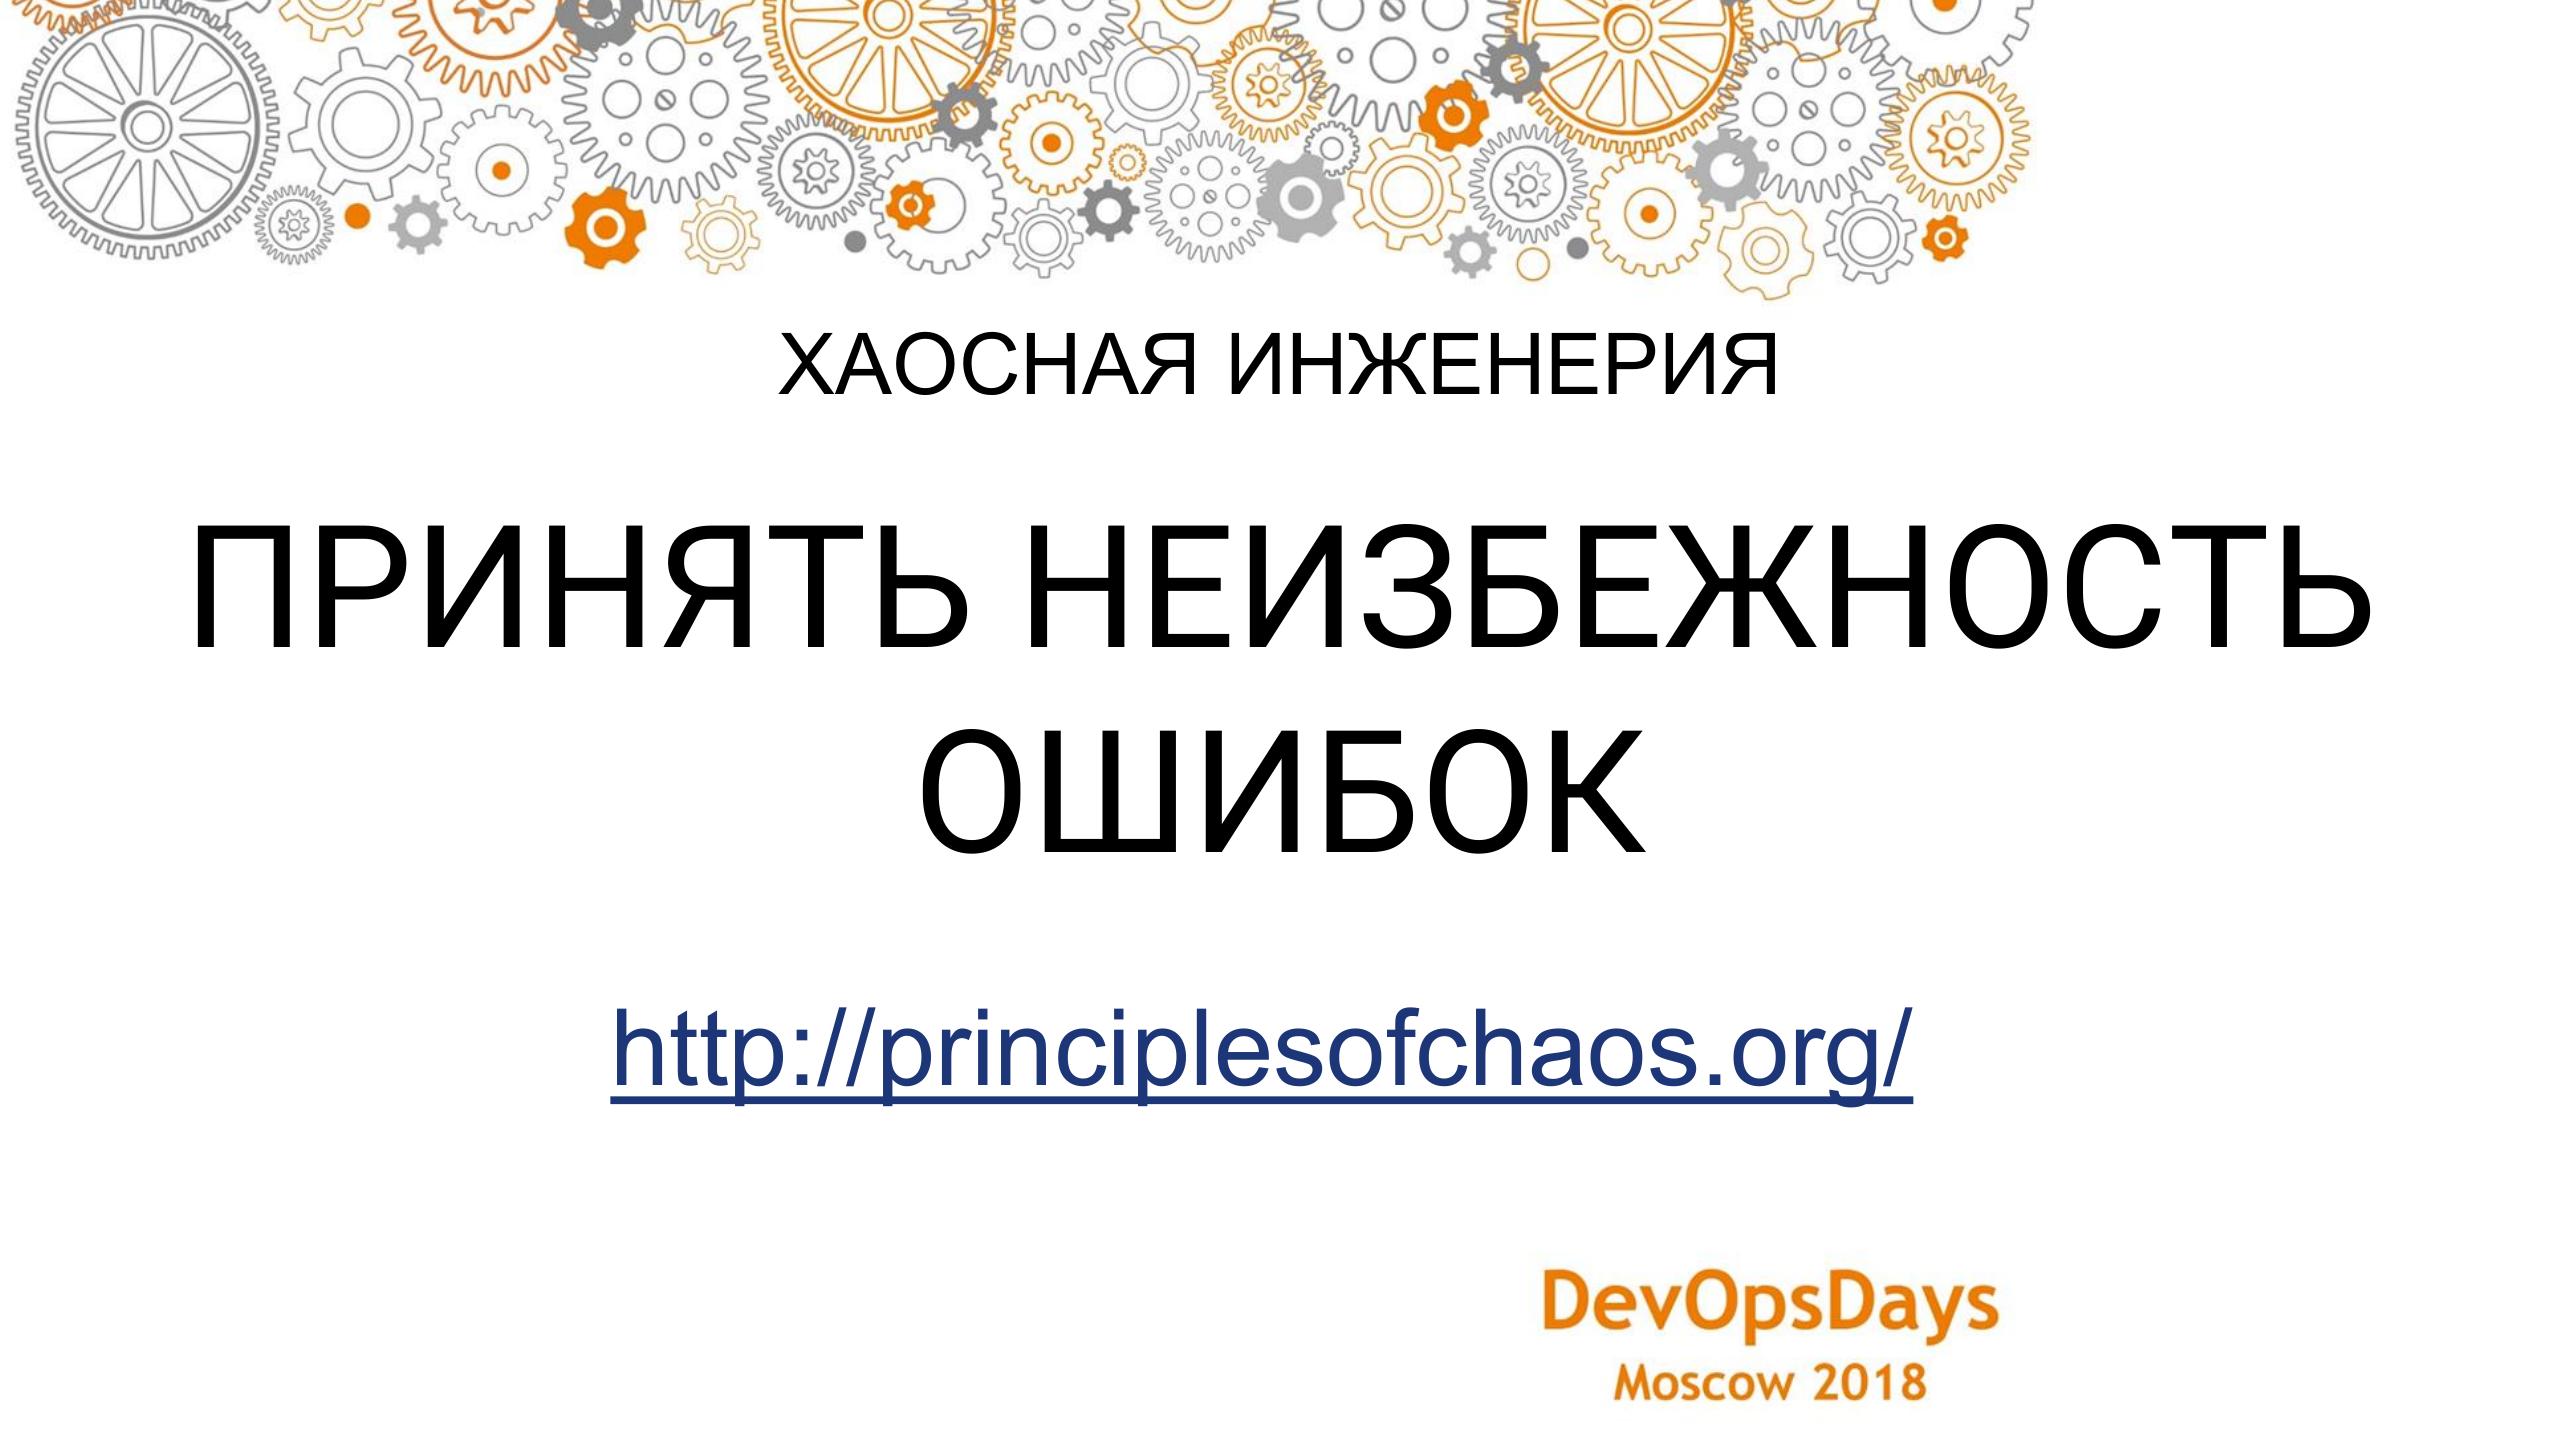 ДевОпс и Хаос: доставка ПО в децентрализованном мире - 12